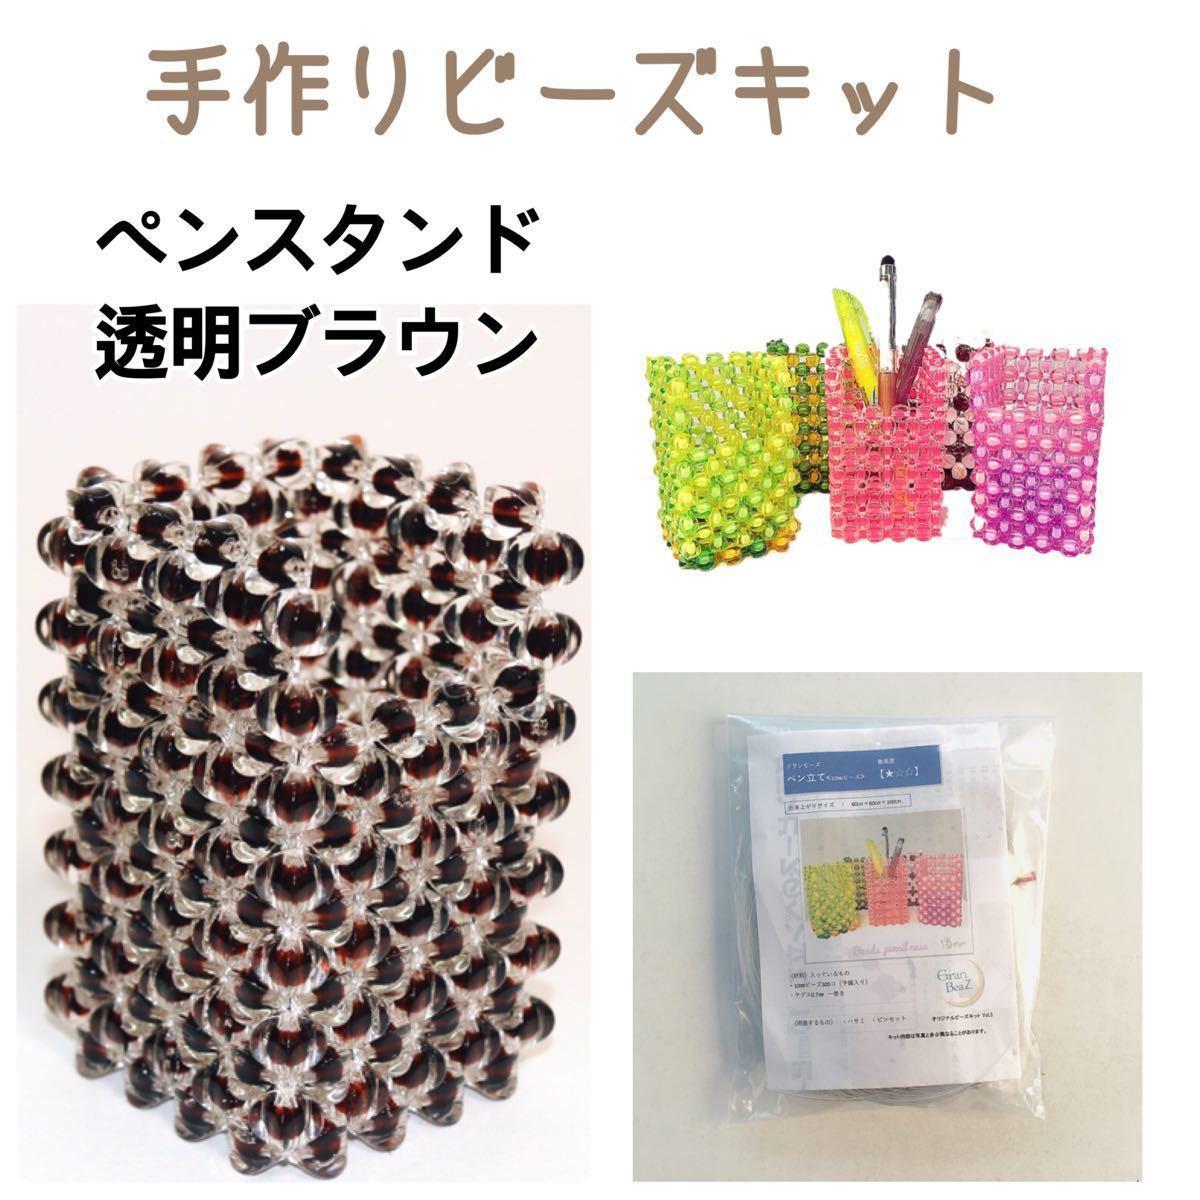 【ビーズキット】メガネ&ペンスタンド(透明ブラウン)pc1011